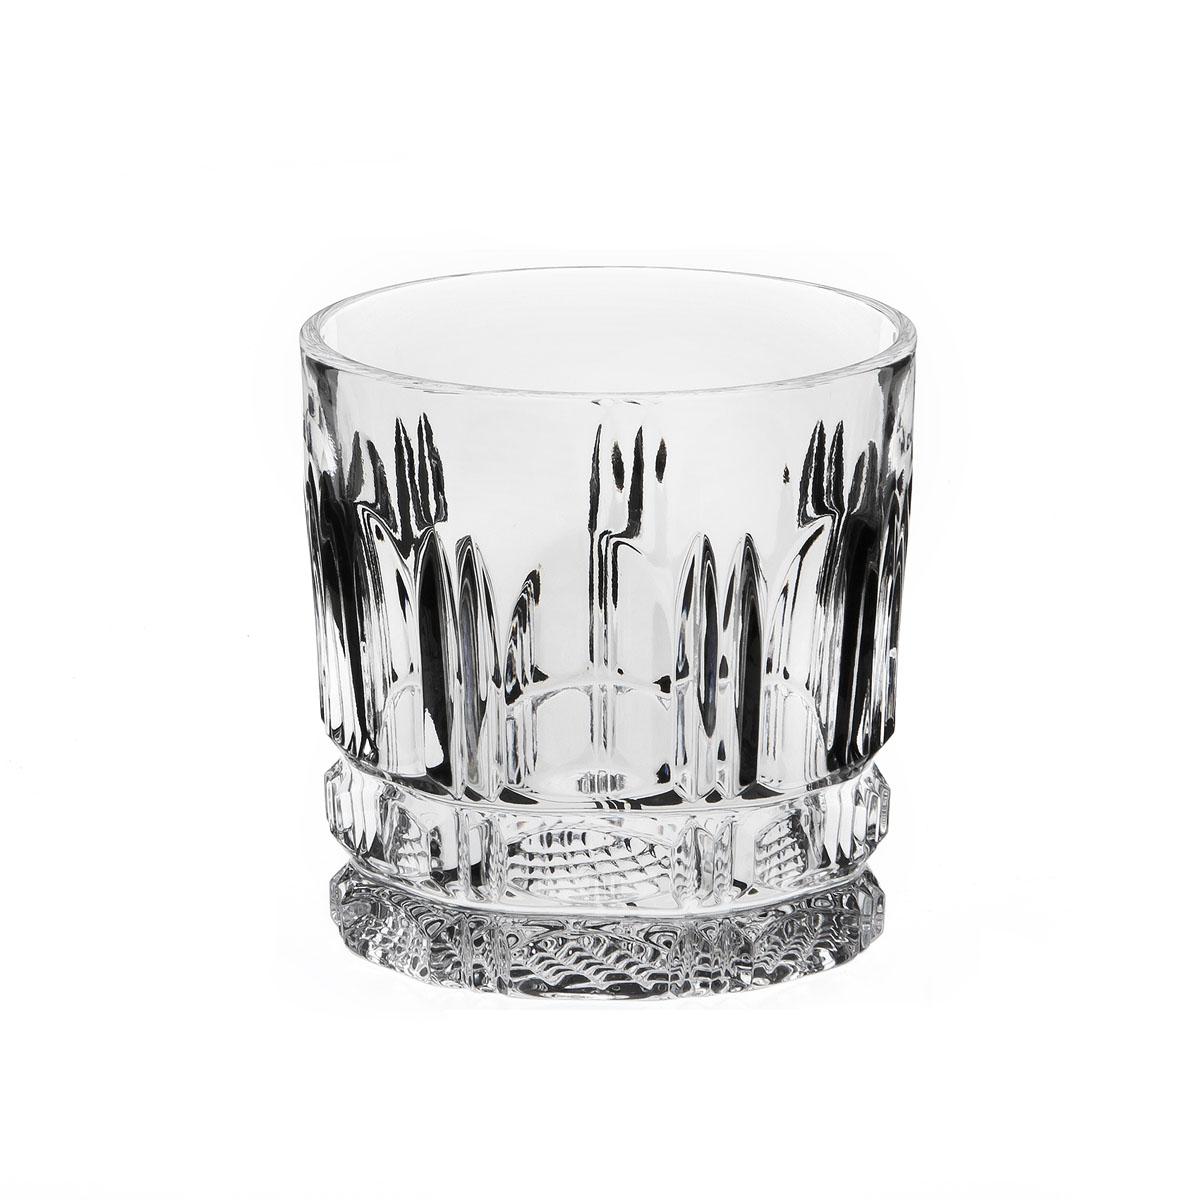 Cтакан Дятьковский хрусталь Пилястра, с кольцом, 190 мл. С878/4VT-1520(SR)Хрустальные стаканы – красивое и простое решение для украшения праздничного стола. Стаканы из хрусталя универсальны, они подойдут и для алкогольных напитков – вина, шампанского, и для освежающих – минеральной воды, компота или сока. Если в вашей домашней коллекции еще нет предметов хрустальной посуды, купить хрустальные стаканы стоит обязательно.